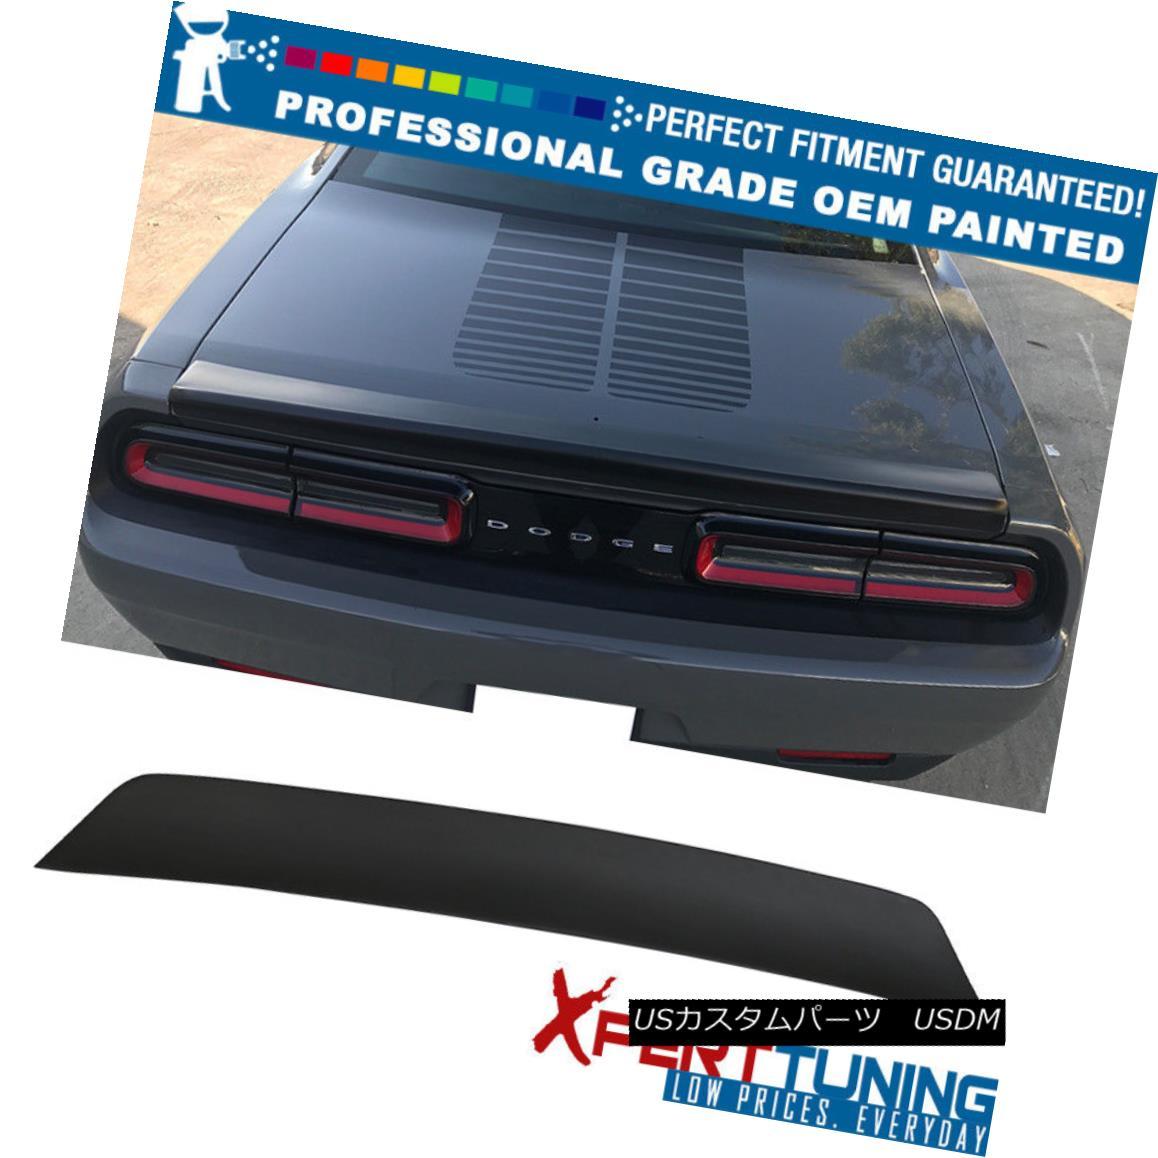 エアロパーツ Fits 15-18 Dodge Challenger Ikon SXT Duckbill Trunk Spoiler - OEM Painted Color フィット15-18ドッジチャレンジャーIkon SXTダックビルトランクスポイラー - OEM塗装カラー